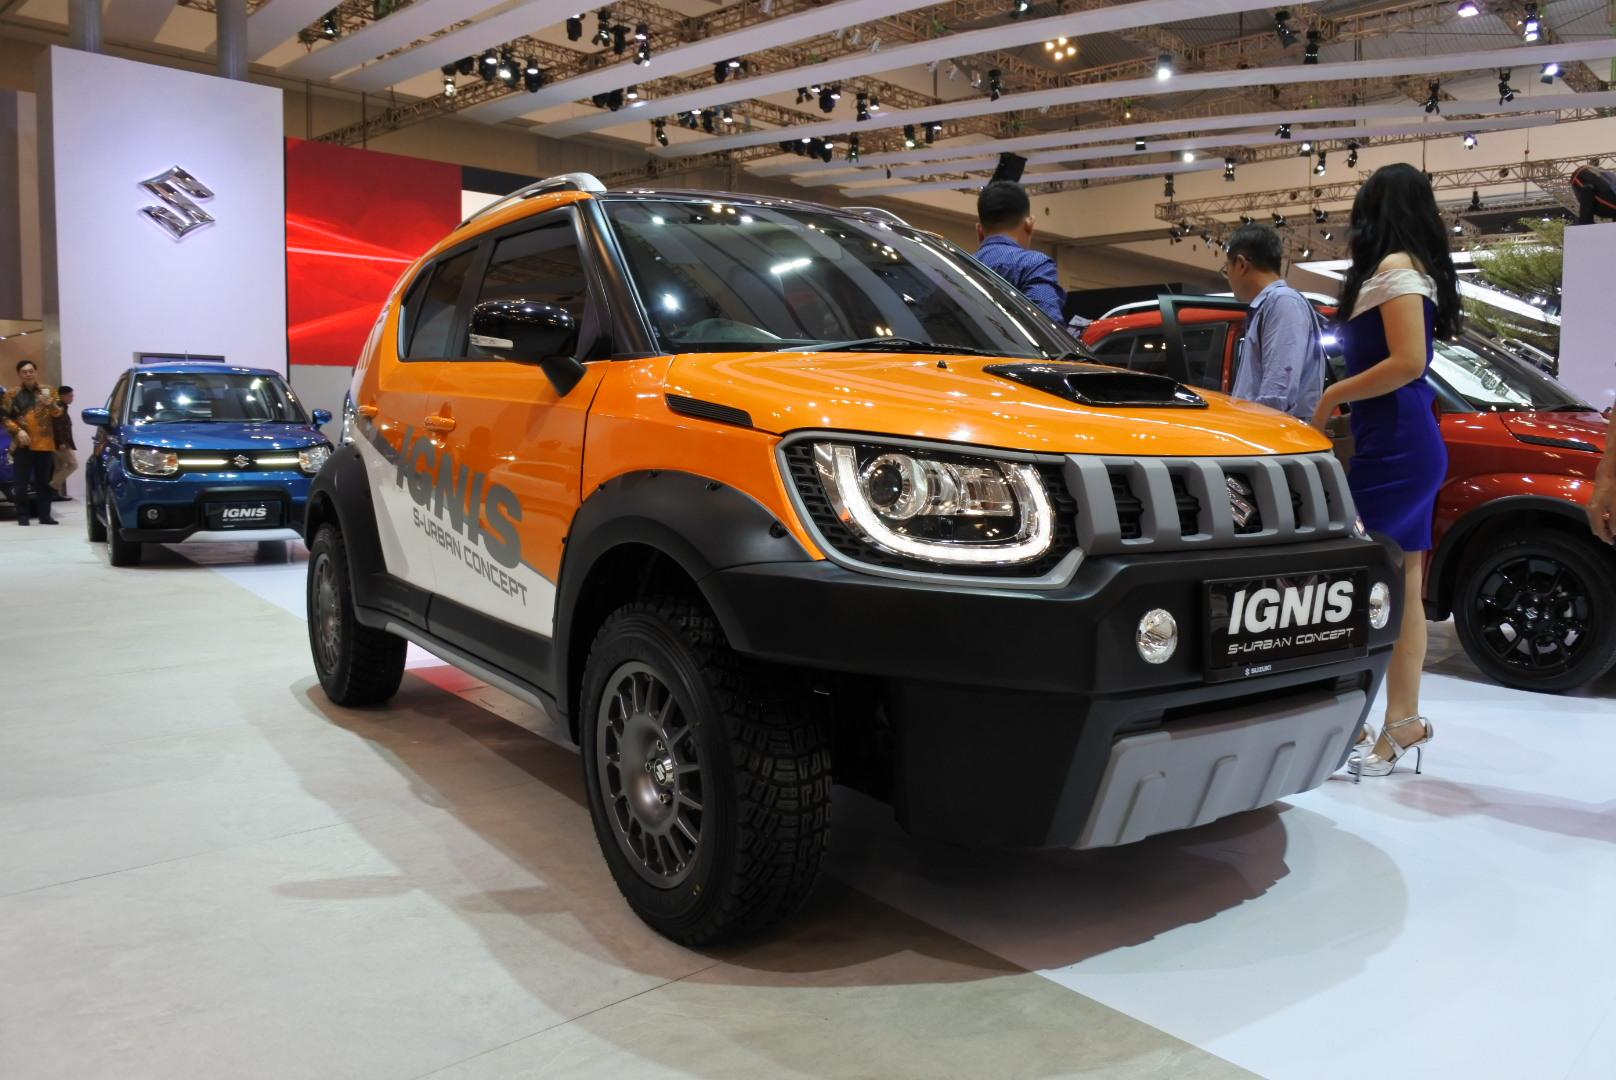 Produksi Suzuki Ignis direm, ini alasannya